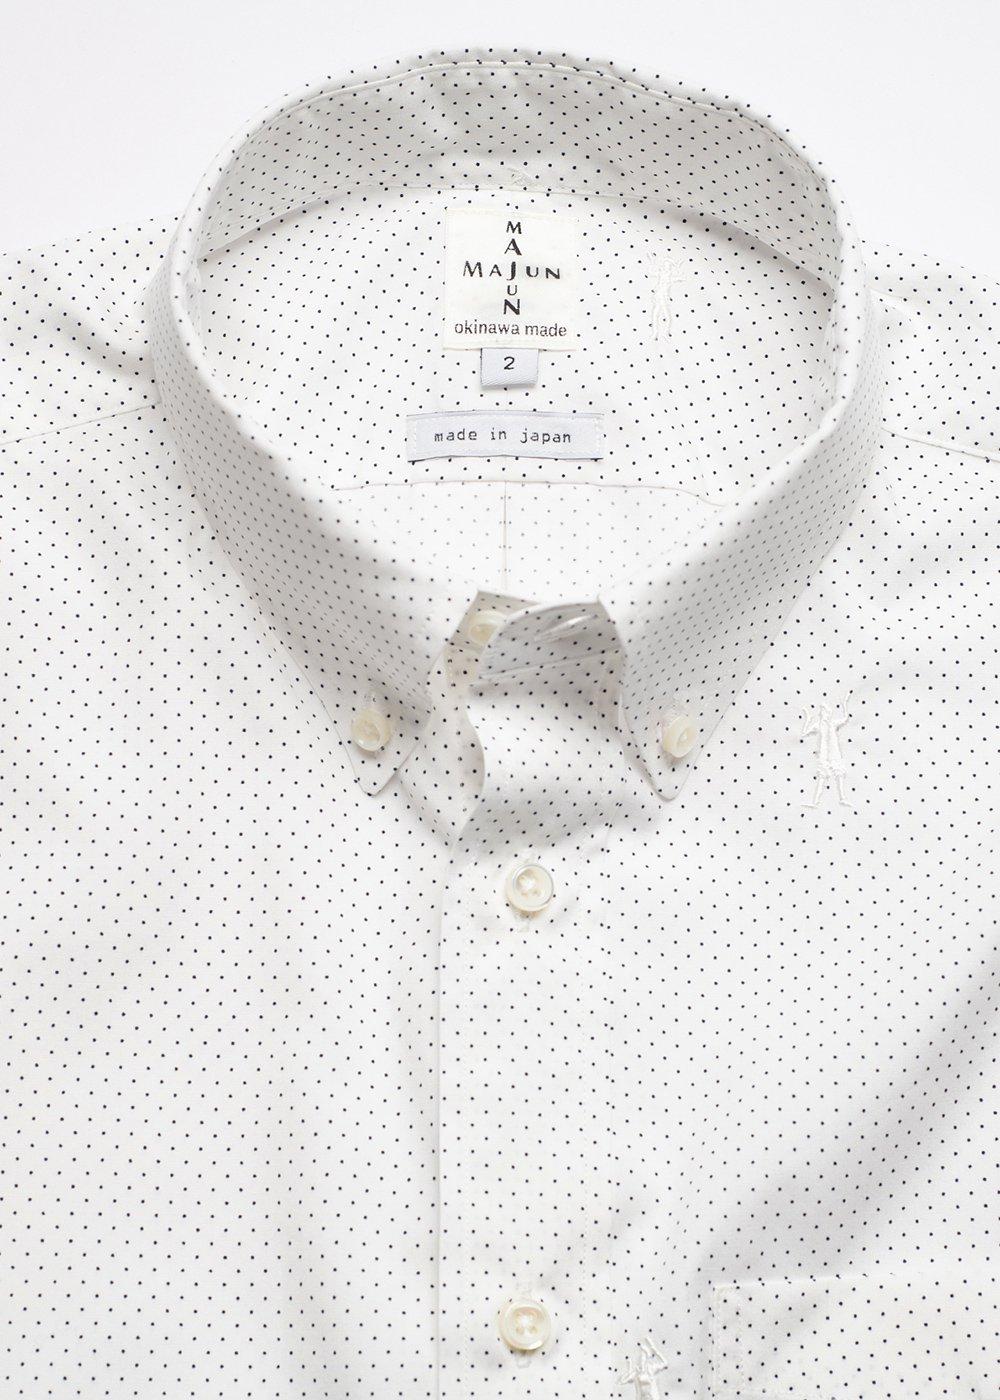 かりゆしウェア(沖縄版アロハシャツ) MAJUN - 水玉ドットカチャーシー L/S